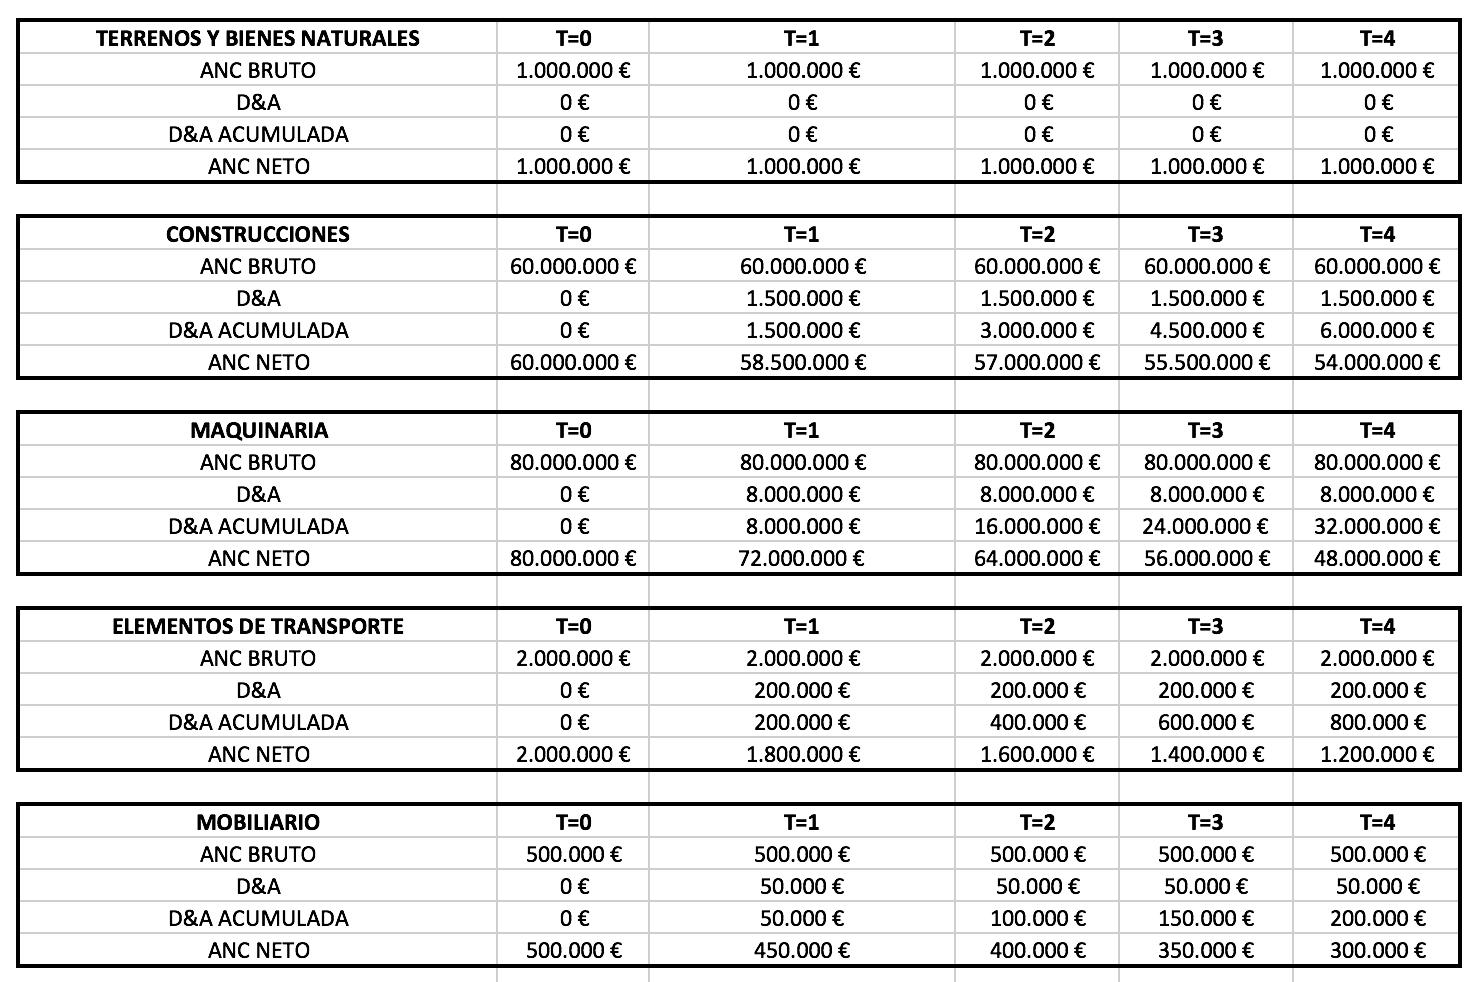 tablas-de-amortizacion-del-activo-no-corriente-de-una-empresa-como-se-calculan-1